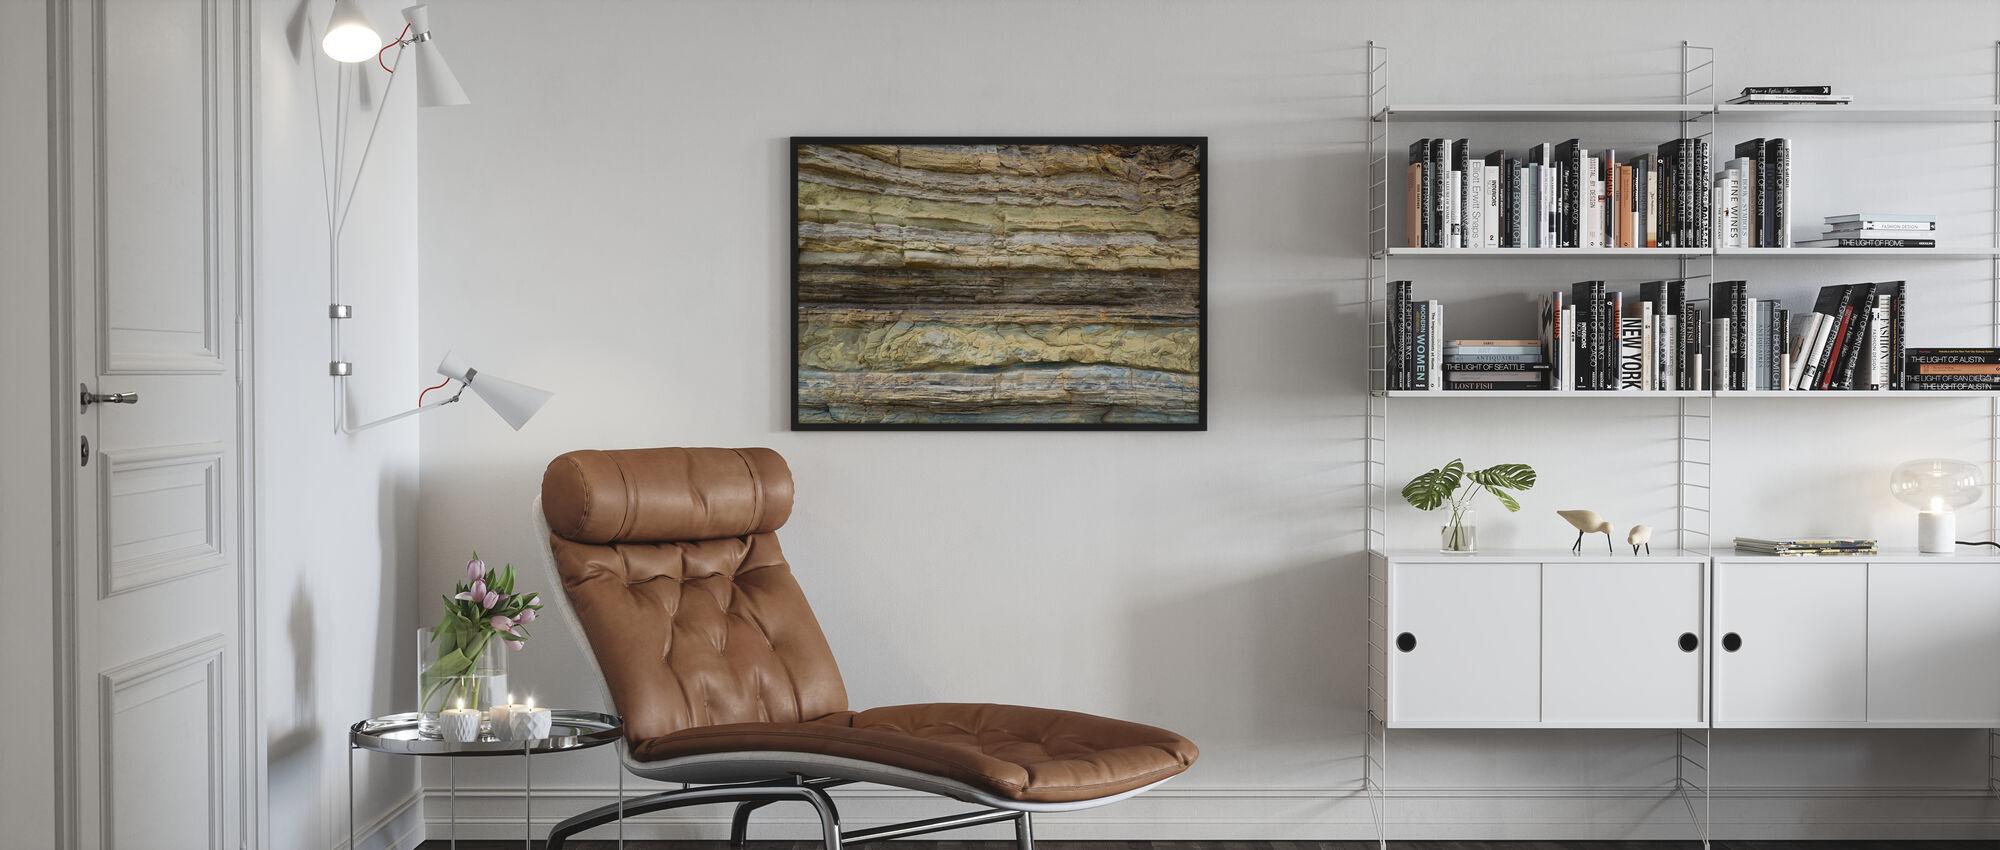 Riffstruktur - Poster - Wohnzimmer